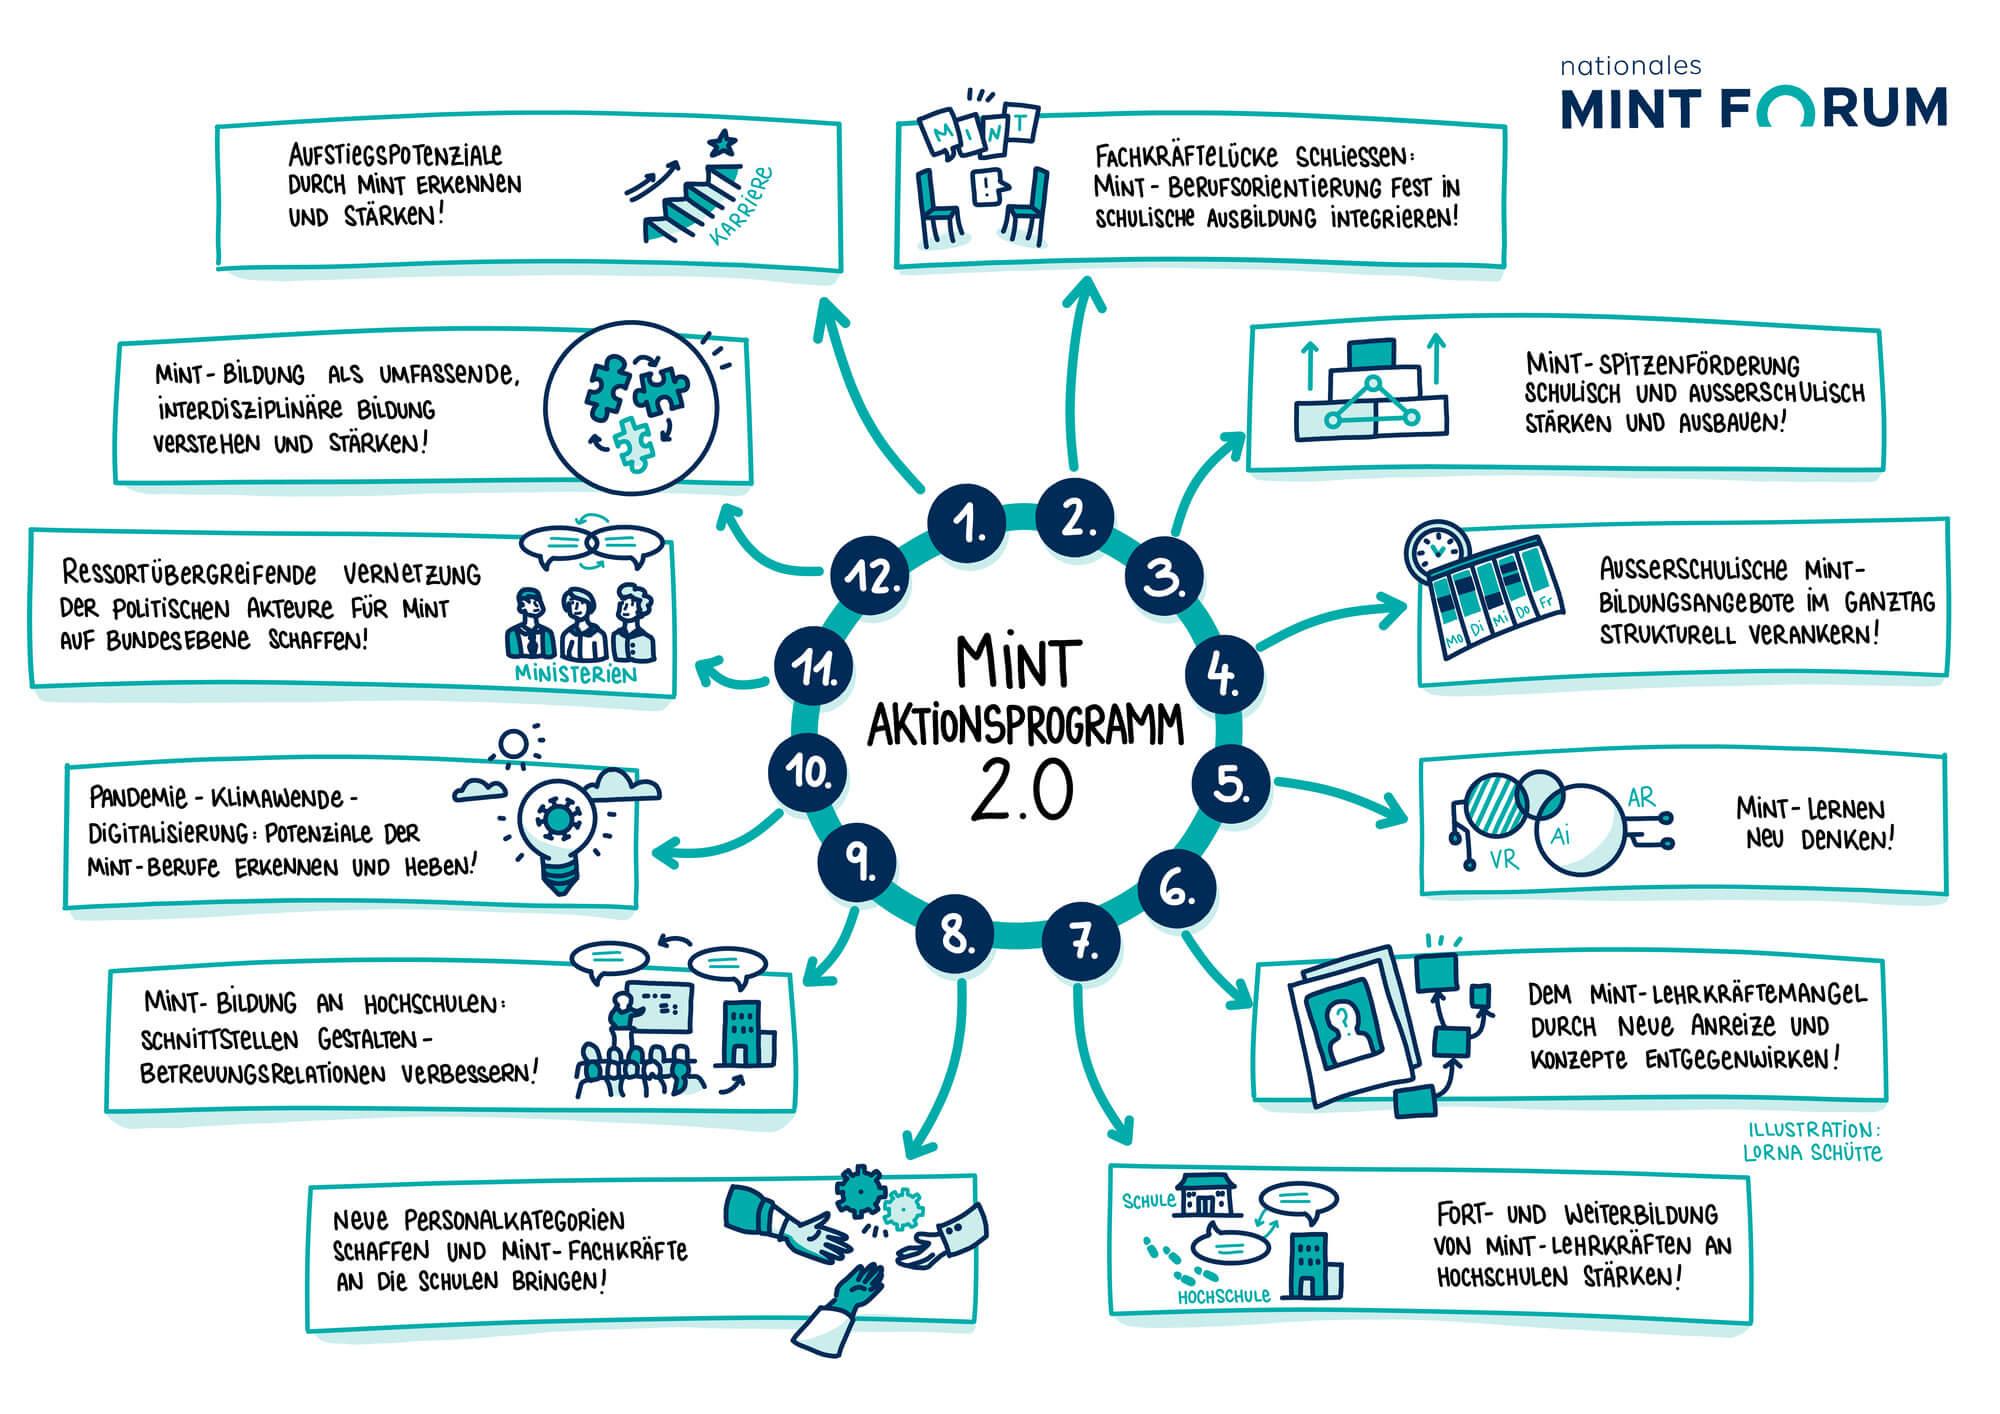 Eine Grafik skizziert in 12 Punkten das Aktionsprogramm des Nationalen MINT Forums